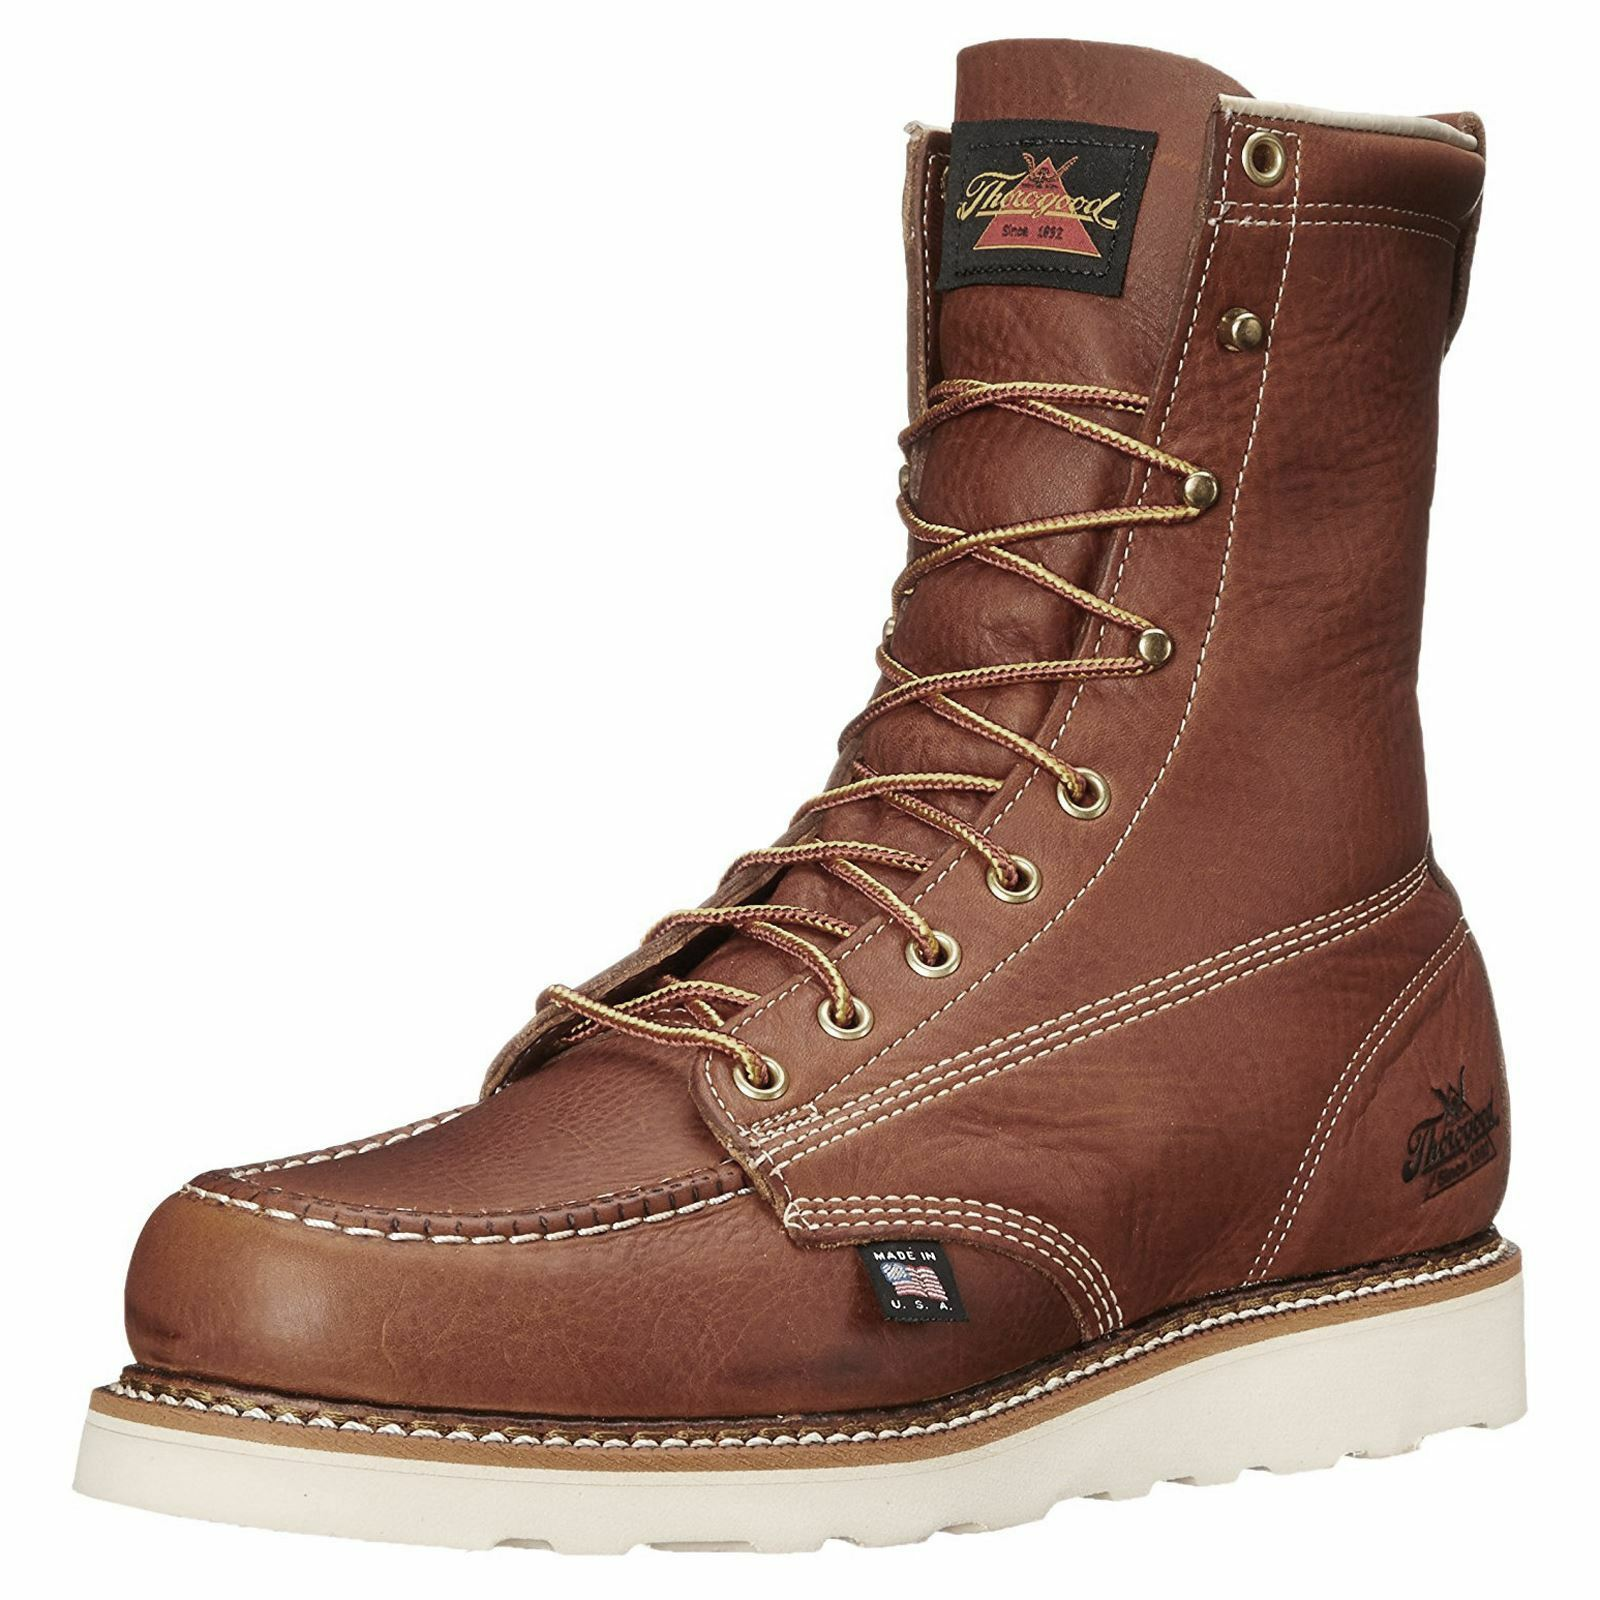 Thorogood 8  Moc Toe Cuña 814-4201 tabaco para hombre de cuero mitad de la pantorrilla botas de trabajo